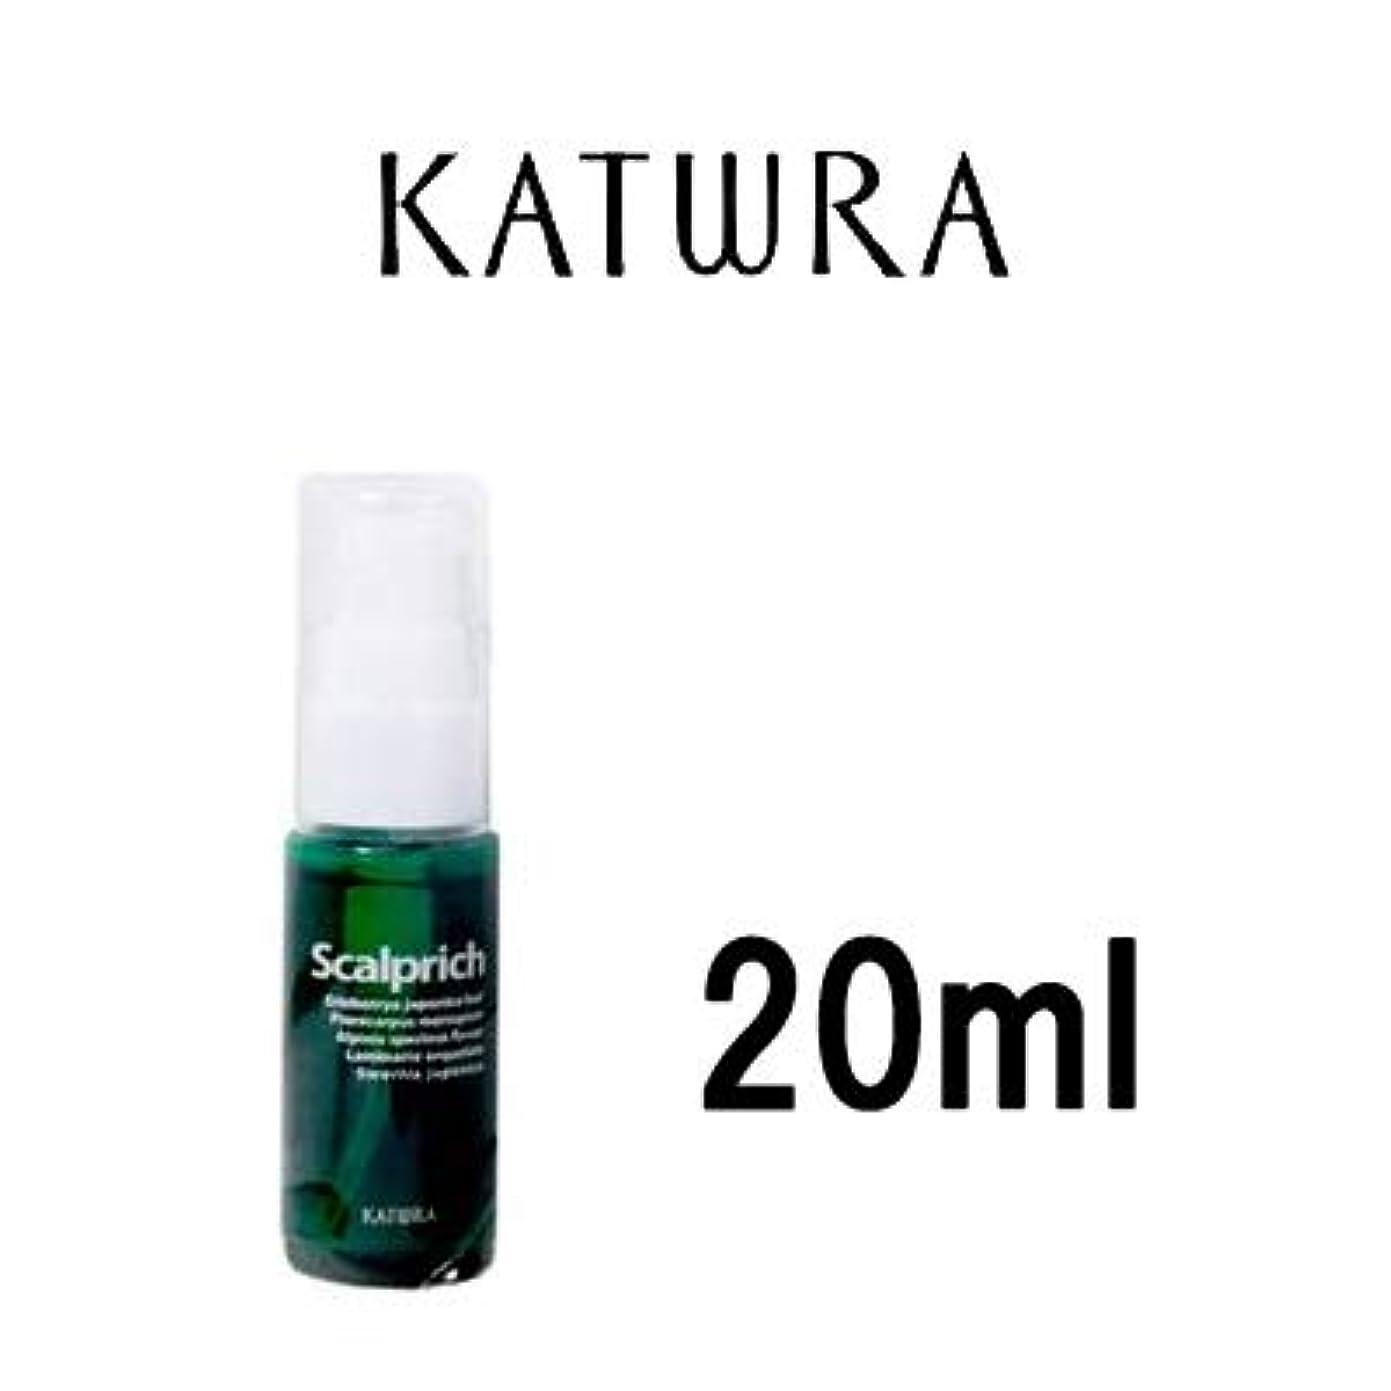 ほめるすり減る一カツウラ KATWRA スカルプリッチ 20mL